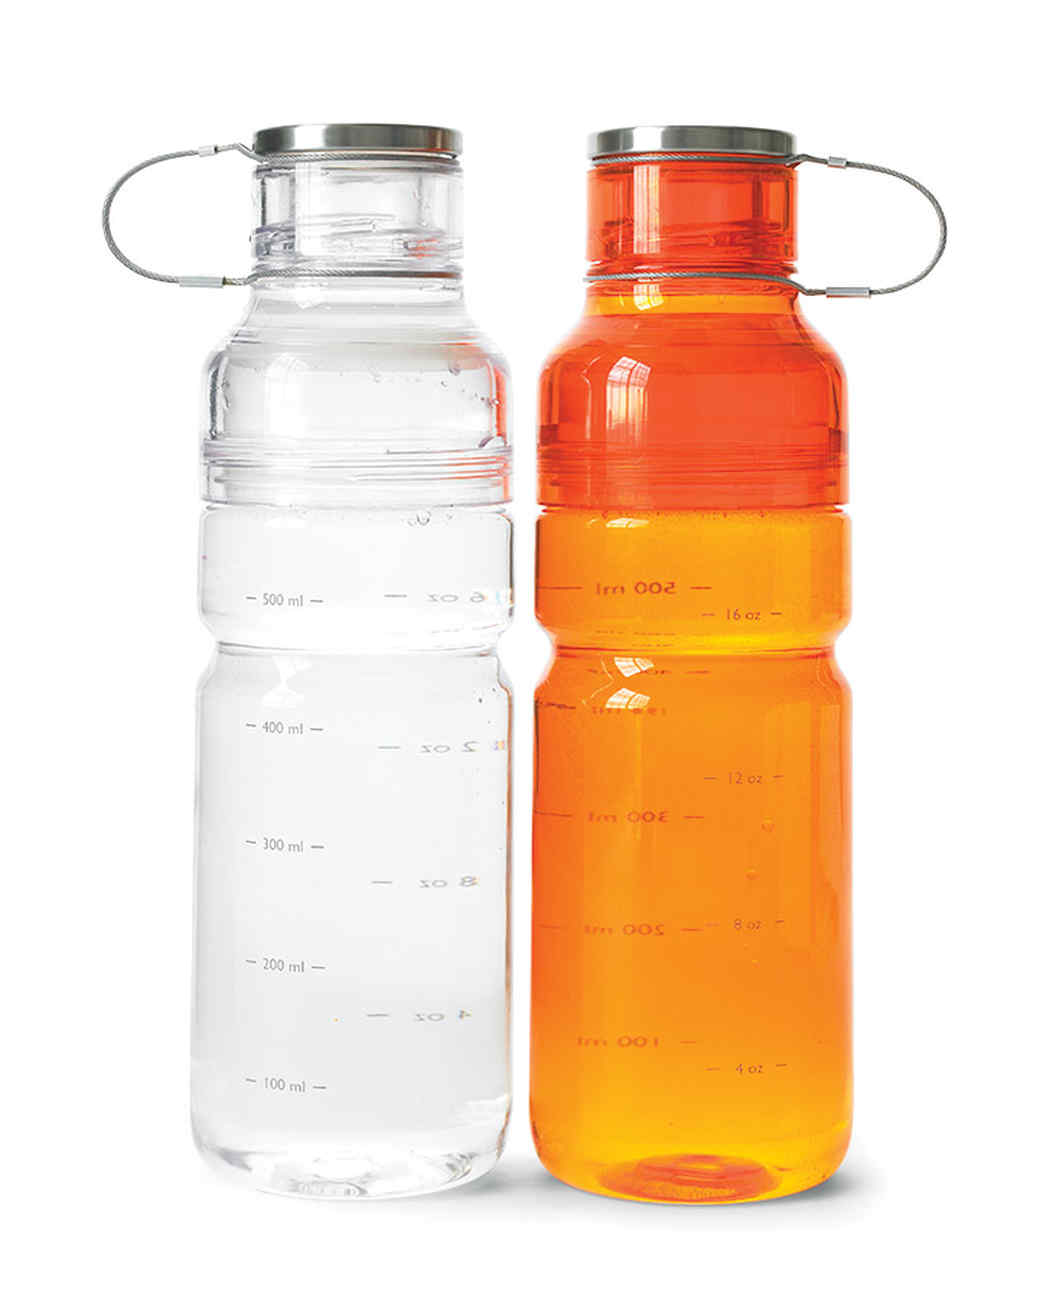 mld106361_1110_bottles4.jpg